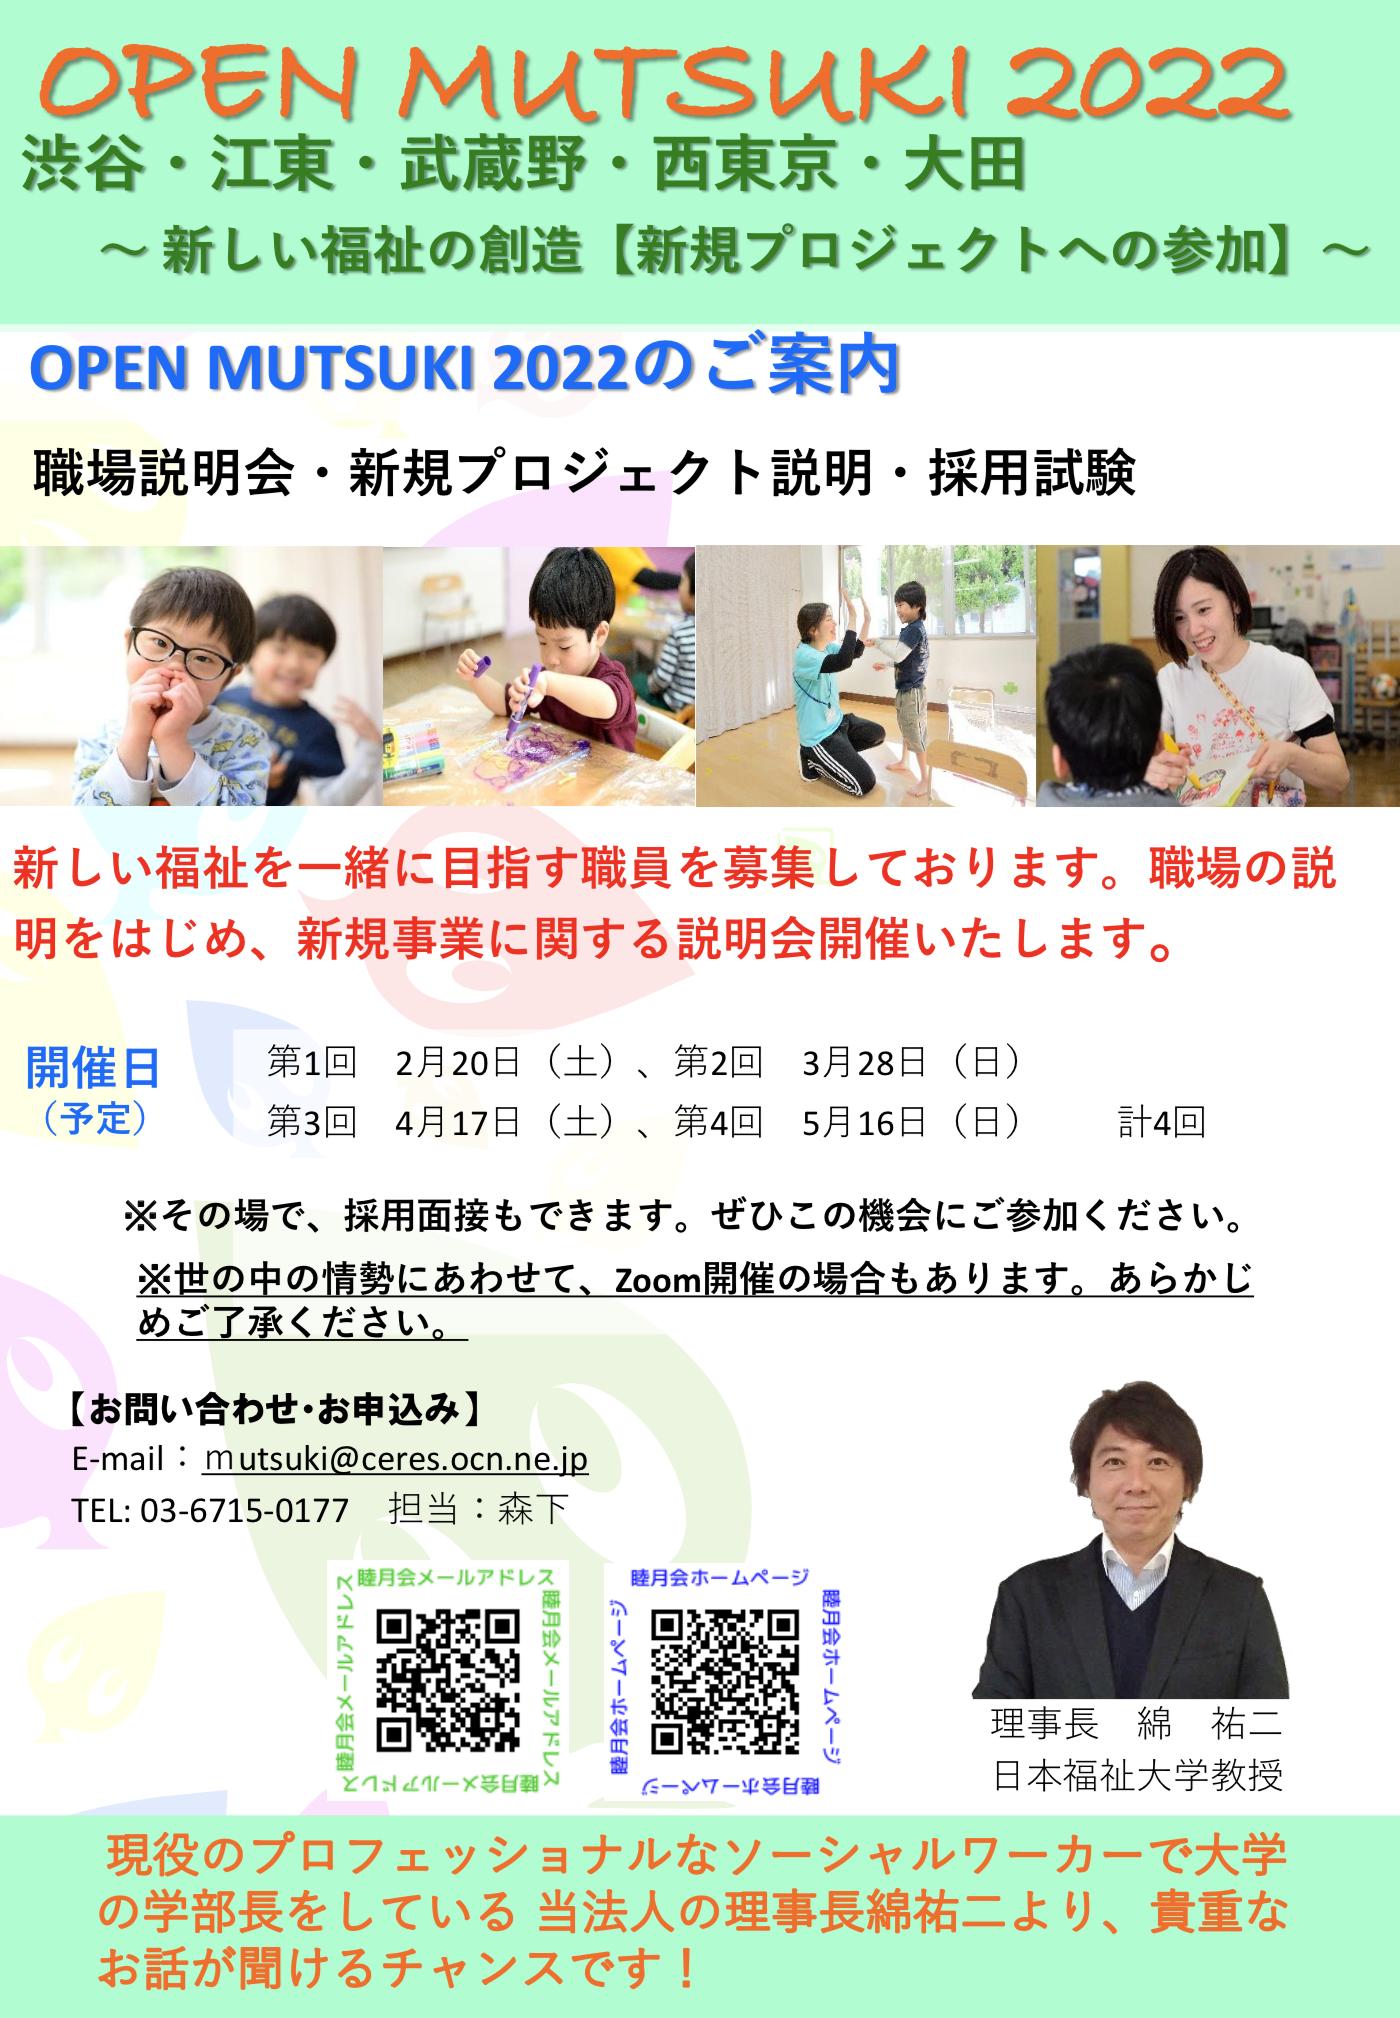 記事 4月17(日)は採用説明会【OPEN MUTSUKI 2022】です!!のアイキャッチ画像